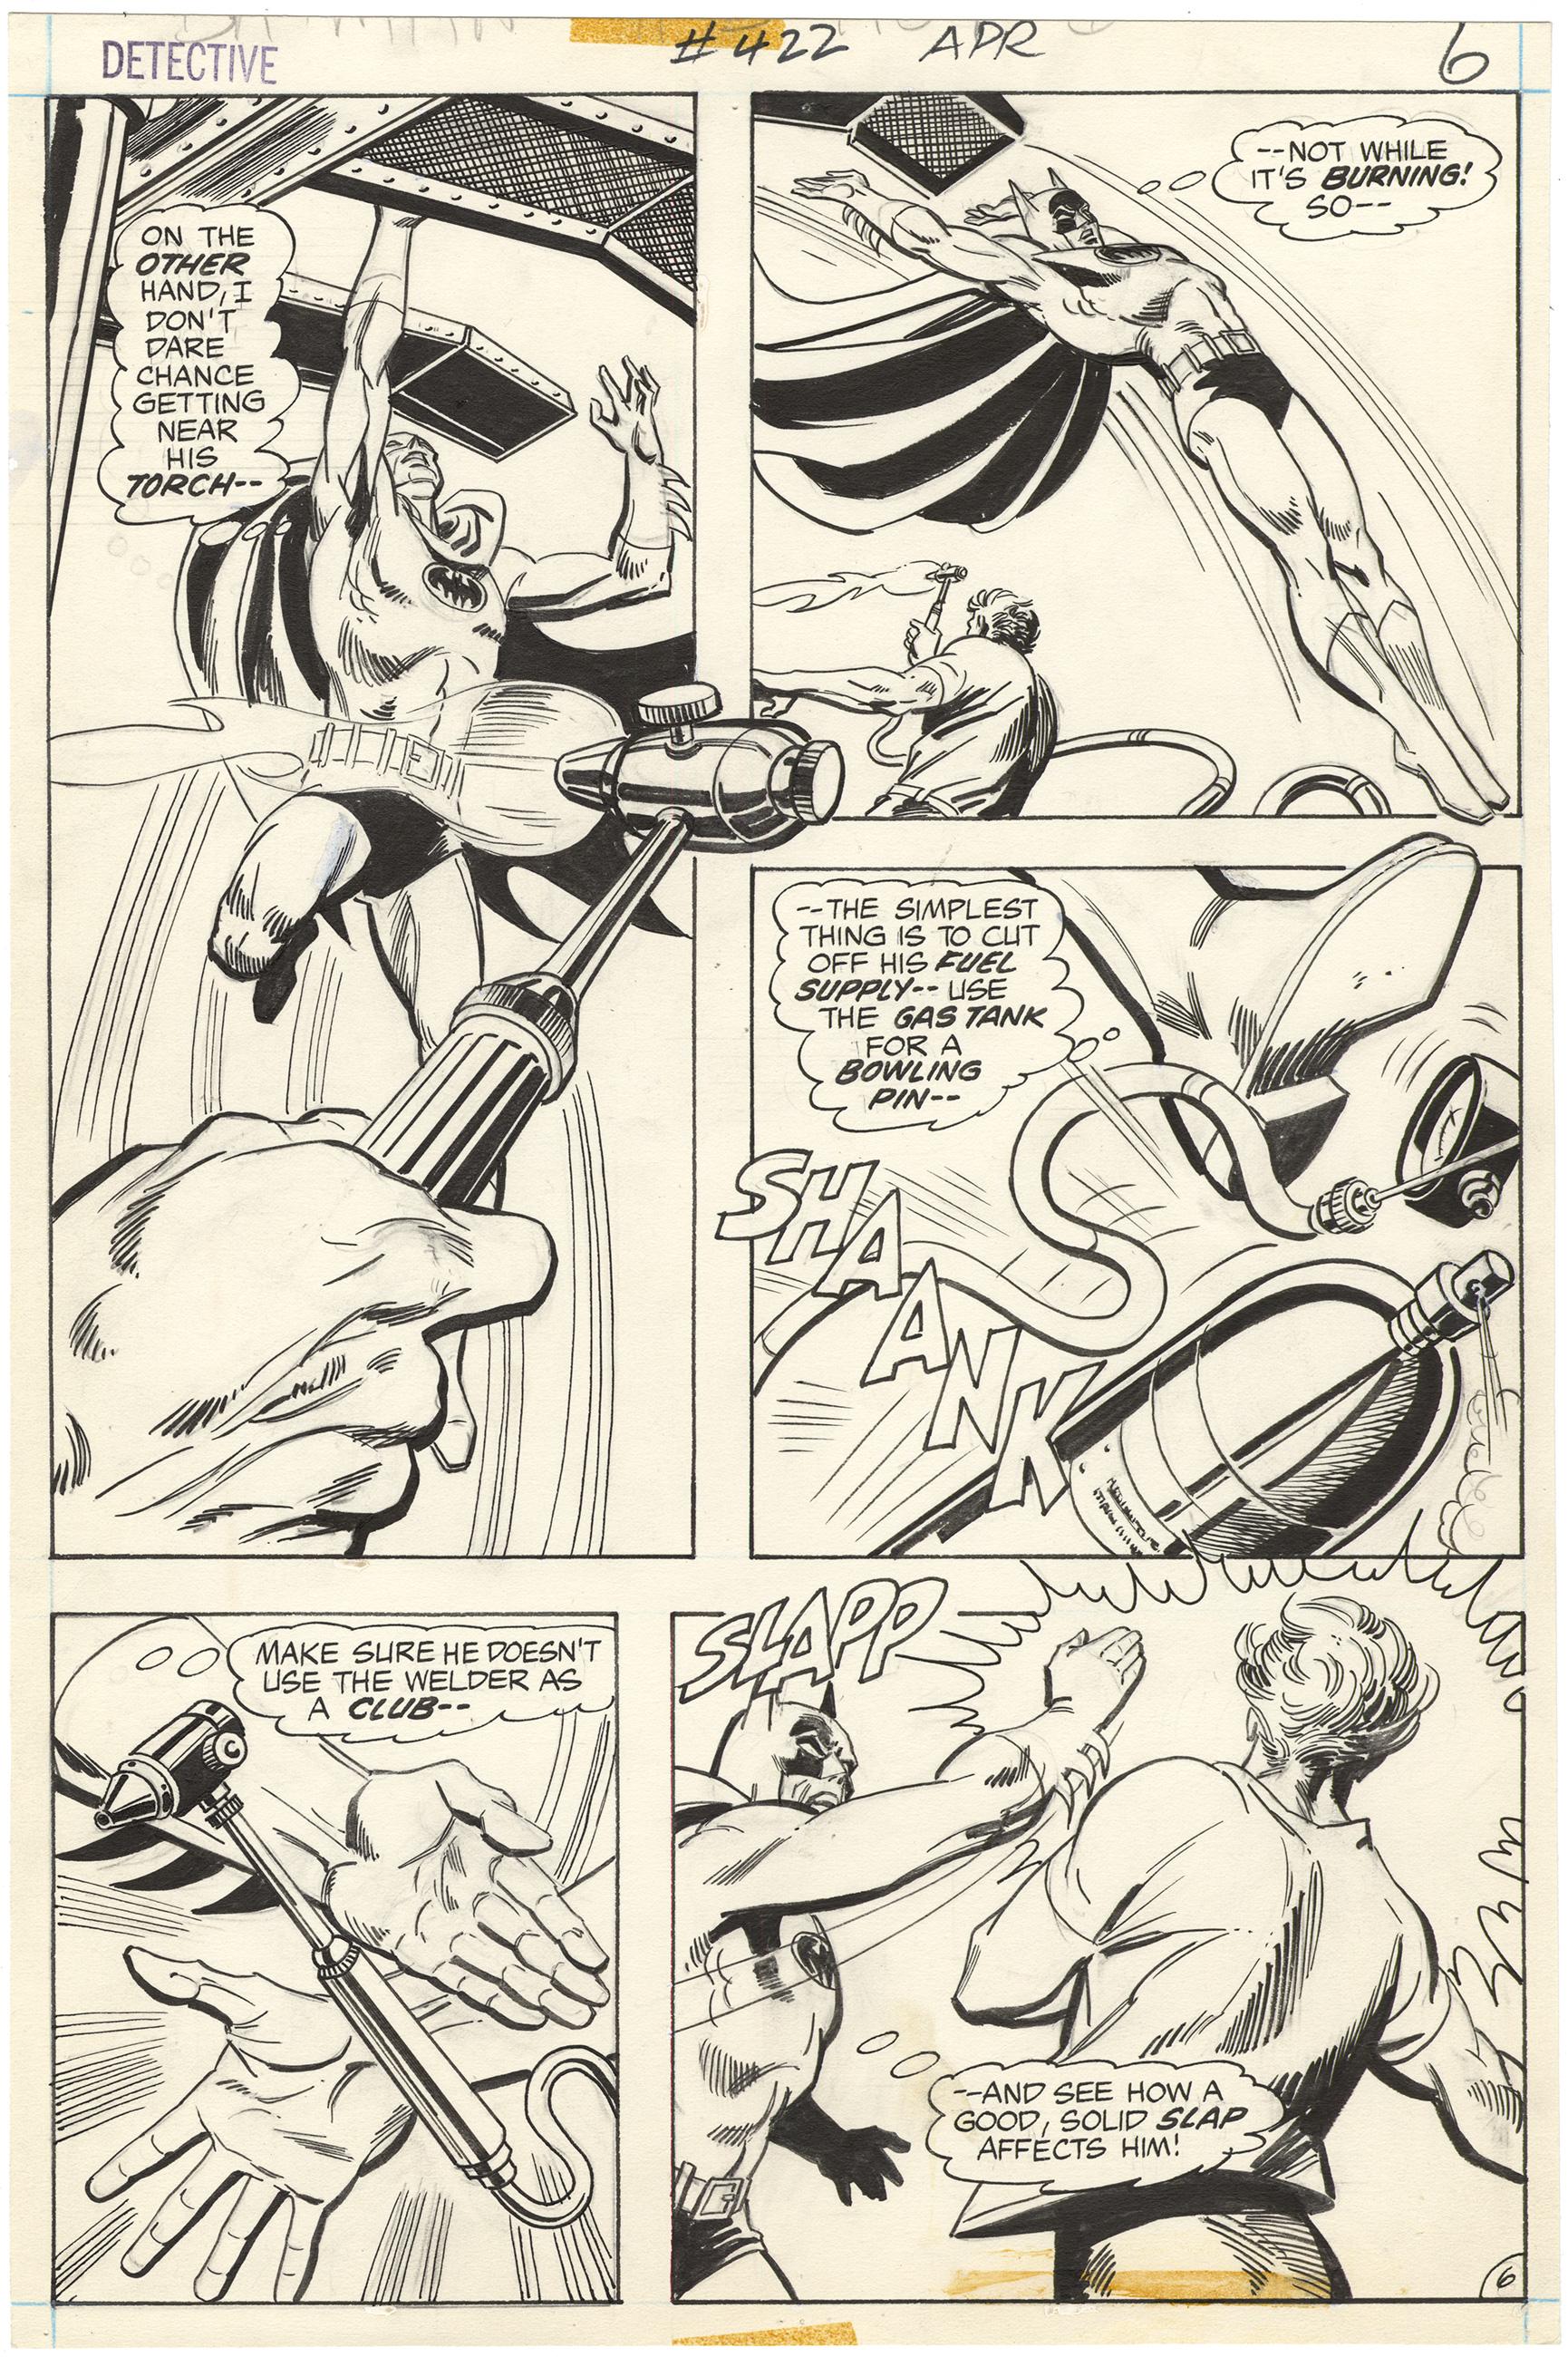 Detective Comics #422 p6